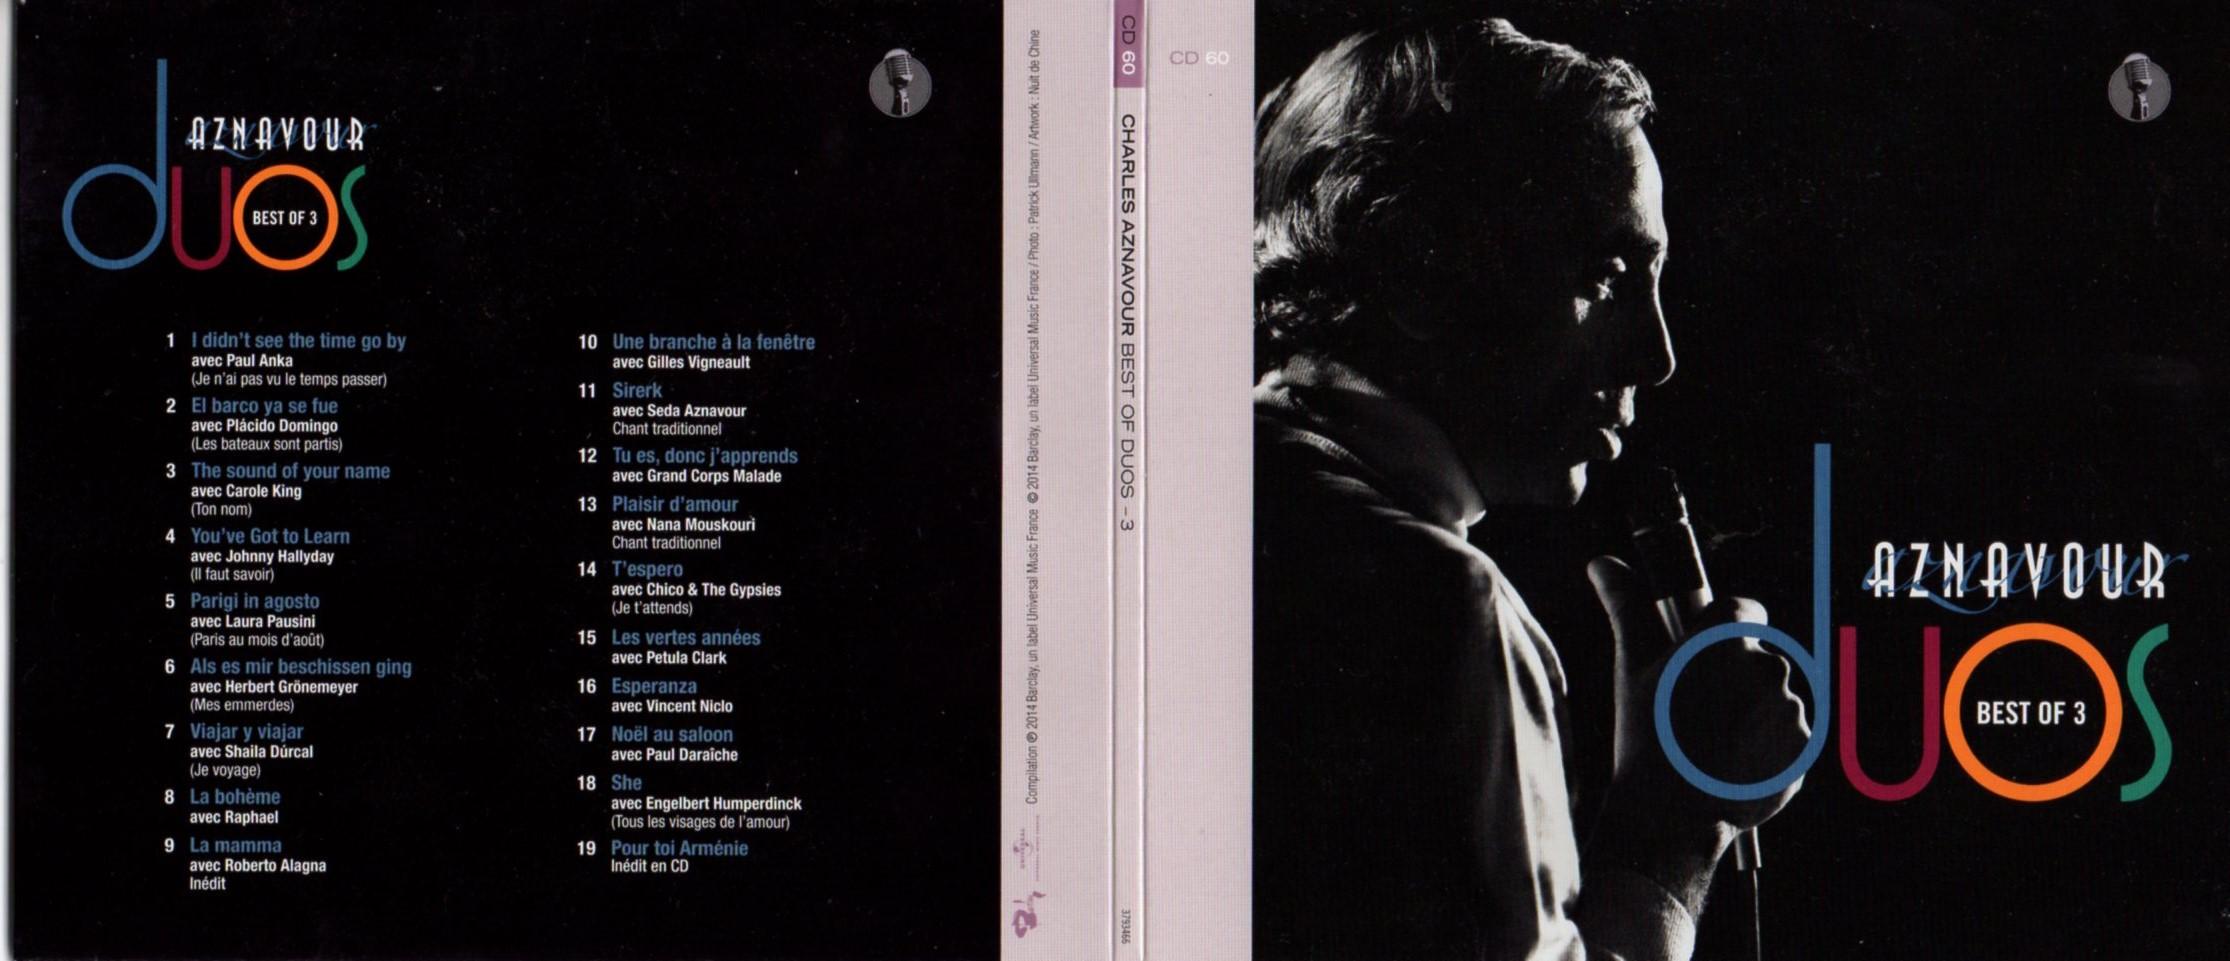 CHARLES AZNAVOUR - JOHNNY HALLYDAY - LAURA PAUSINI - Best of duos Vol 3 INCLUS Pour toi Arménie - Gatefold Card board sleeve - CD